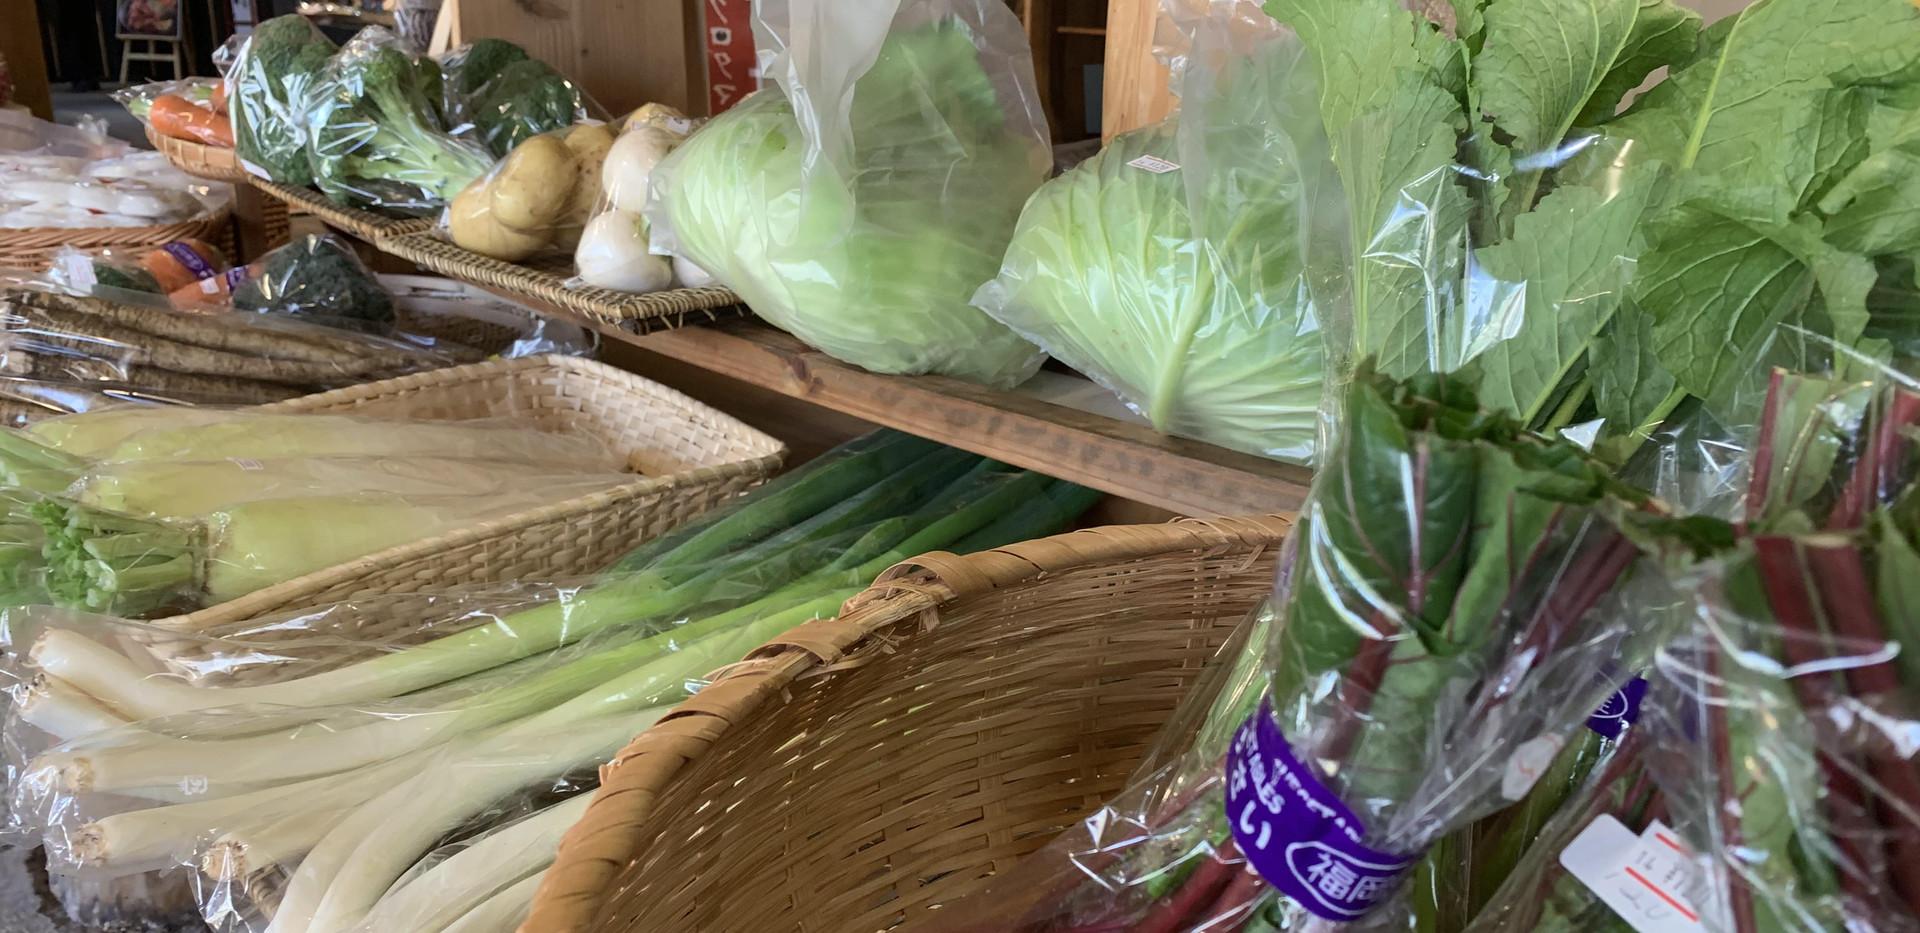 みなぎのマルシェのお野菜